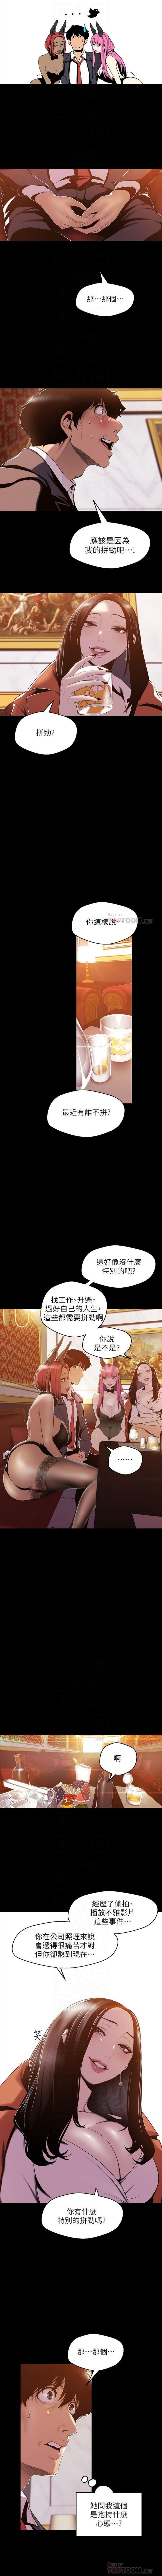 美麗新世界 1-85 官方中文(連載中) 584